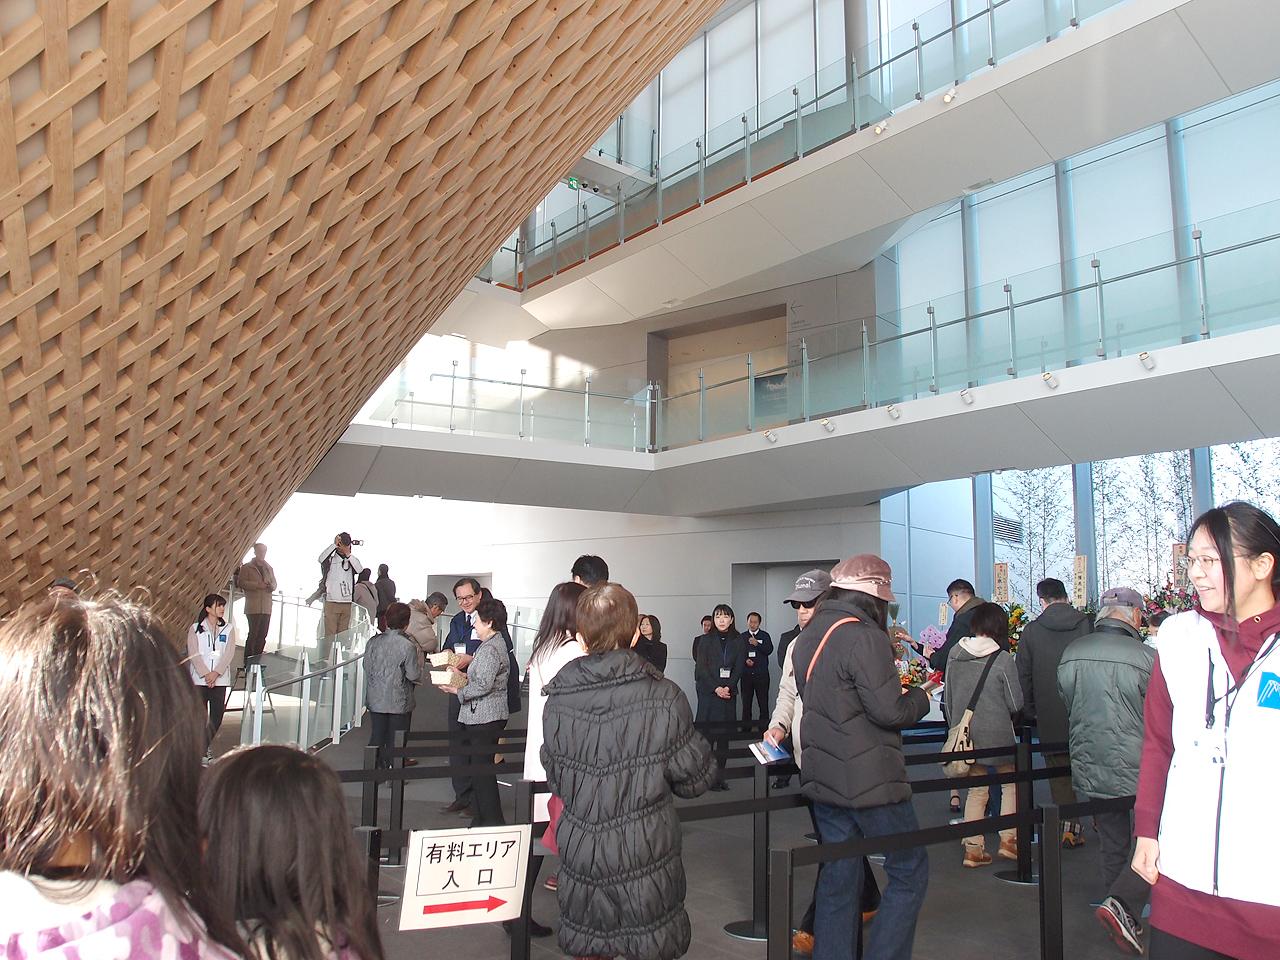 富士山世界遺産センターに入って行く人々